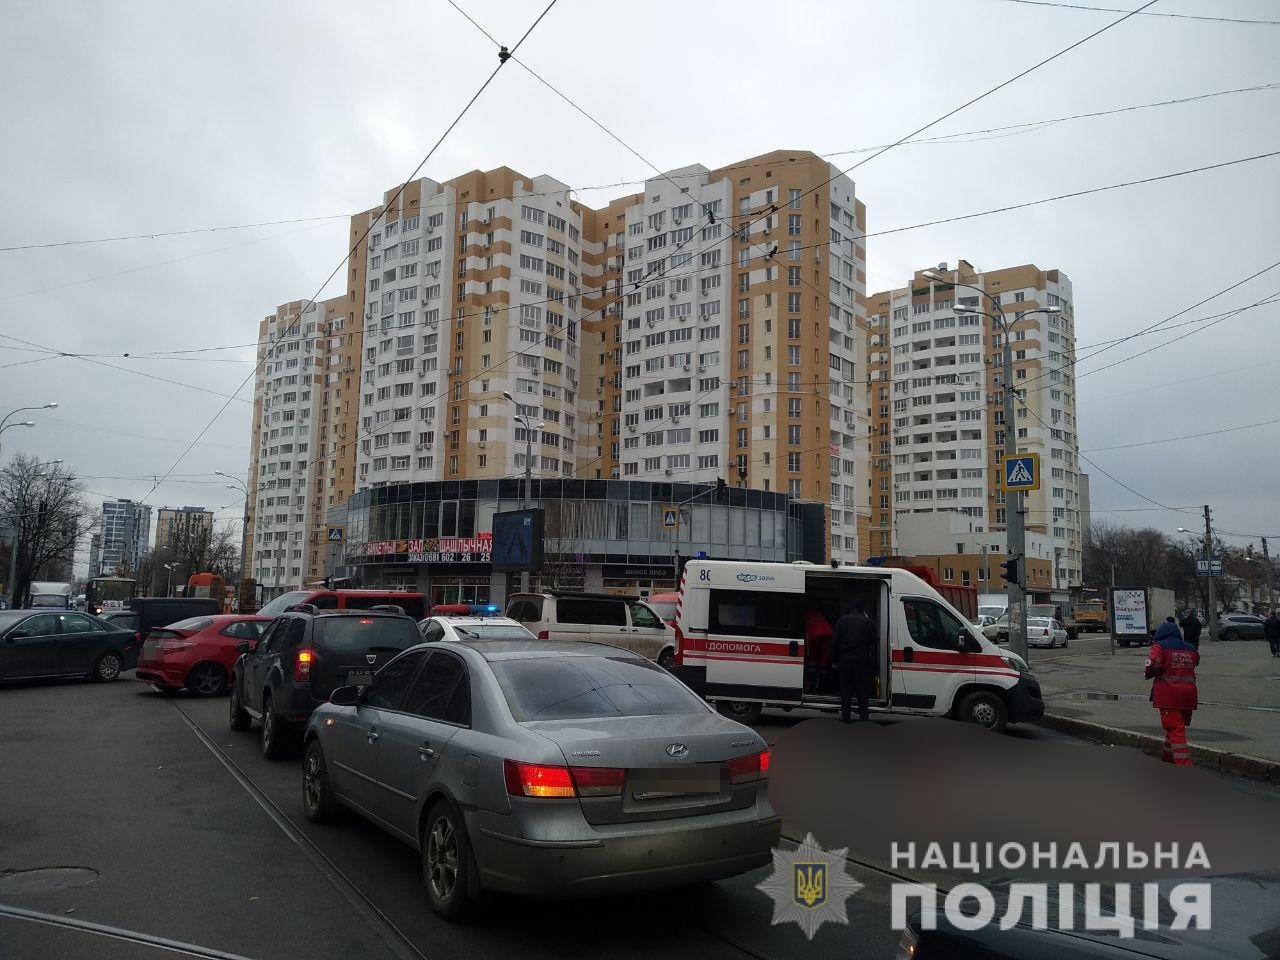 От удара оторвало голову: в Харькове тягач задавил насмерть женщину, - ФОТО, фото-3